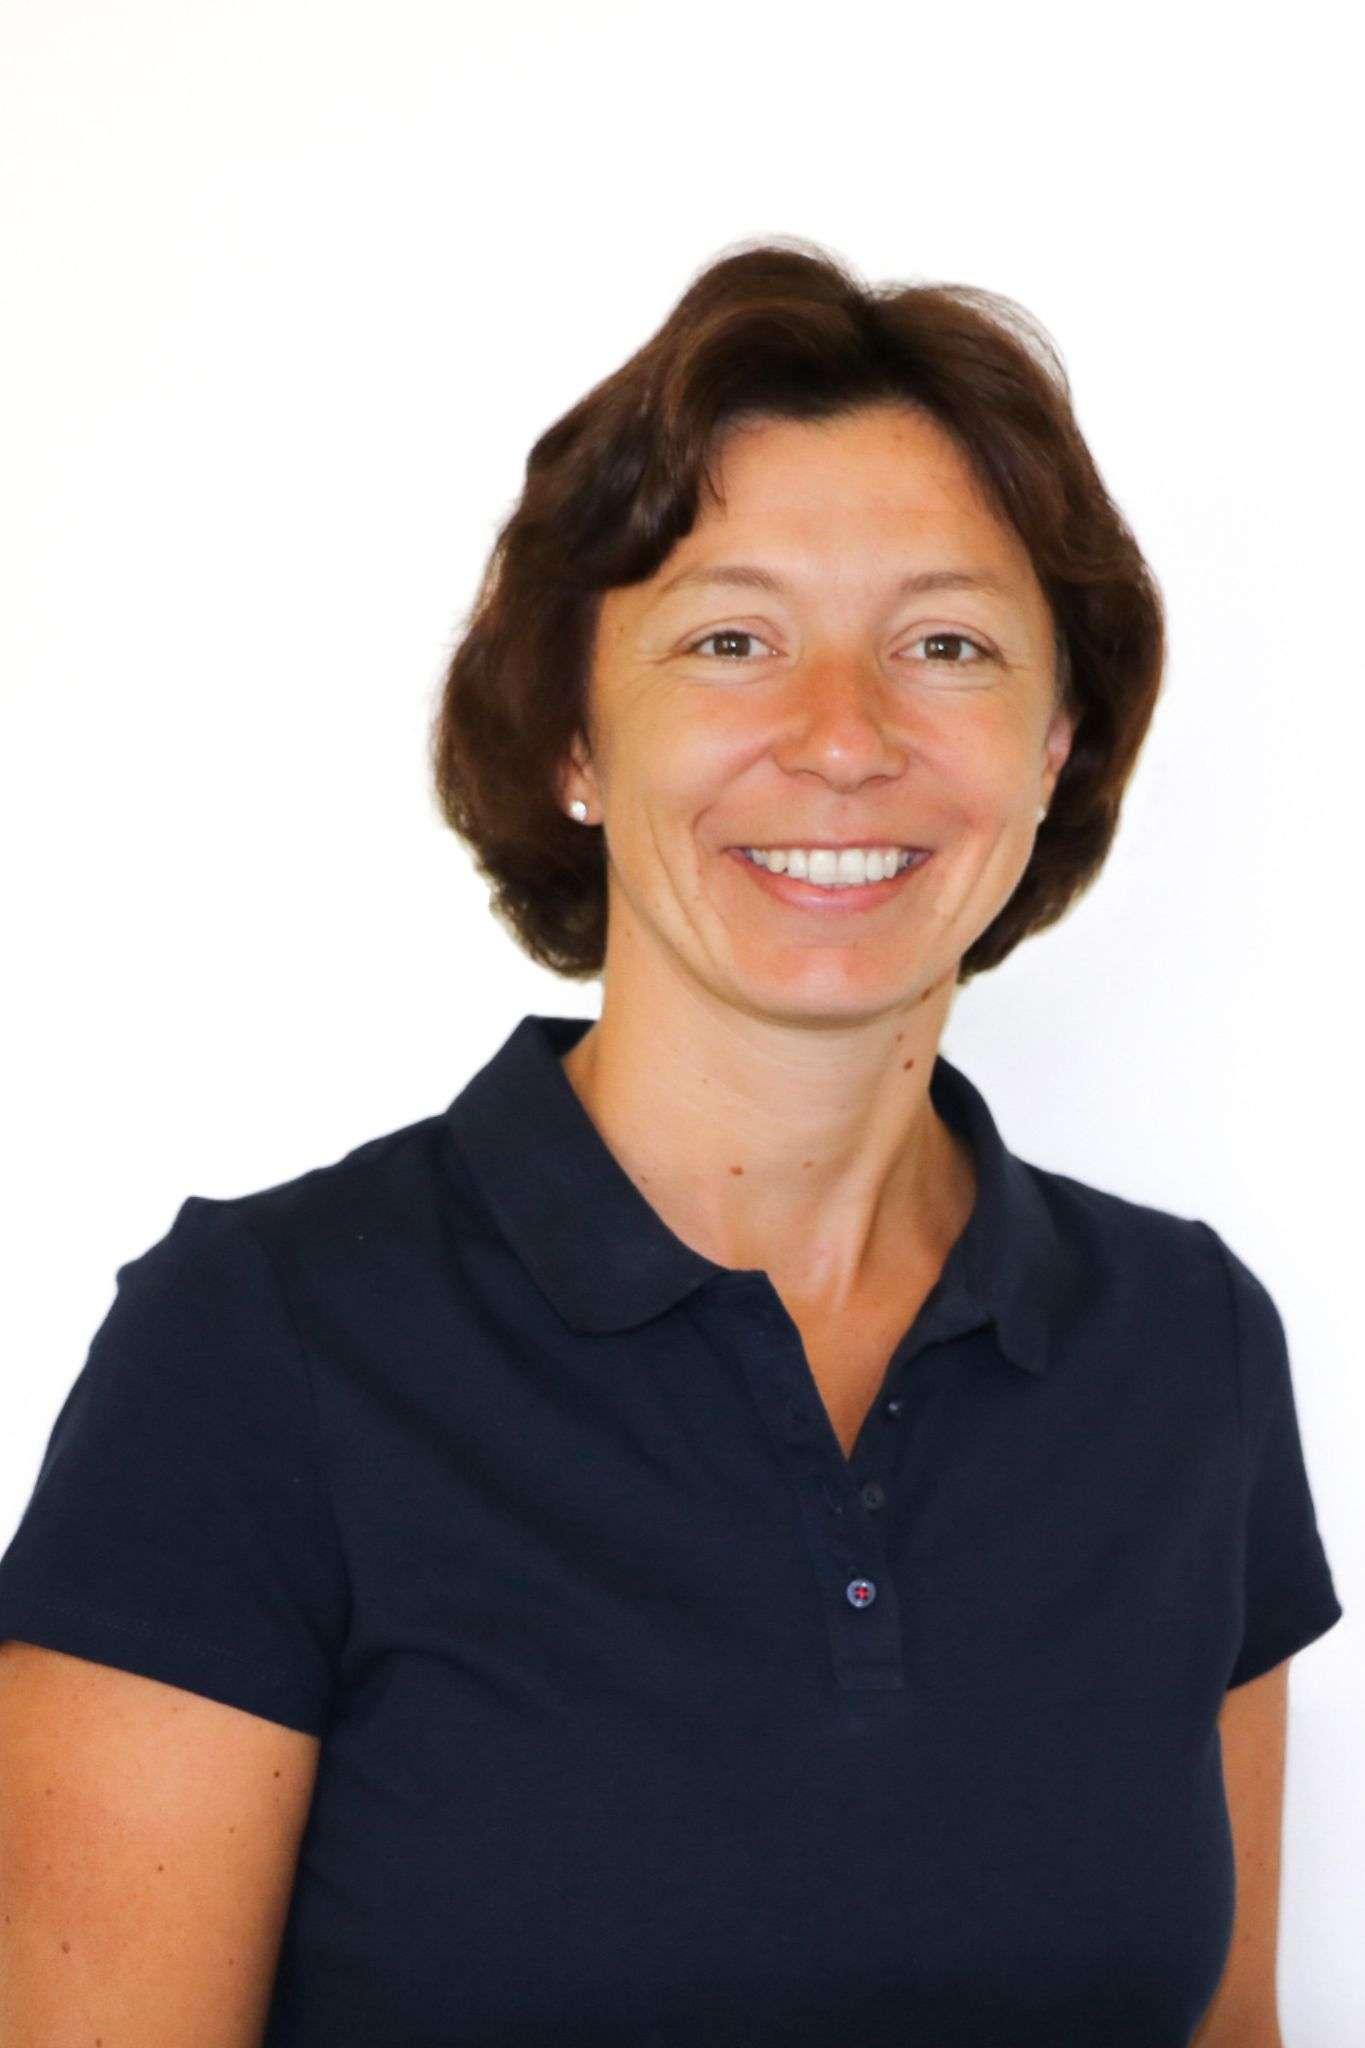 Corinne Rychener